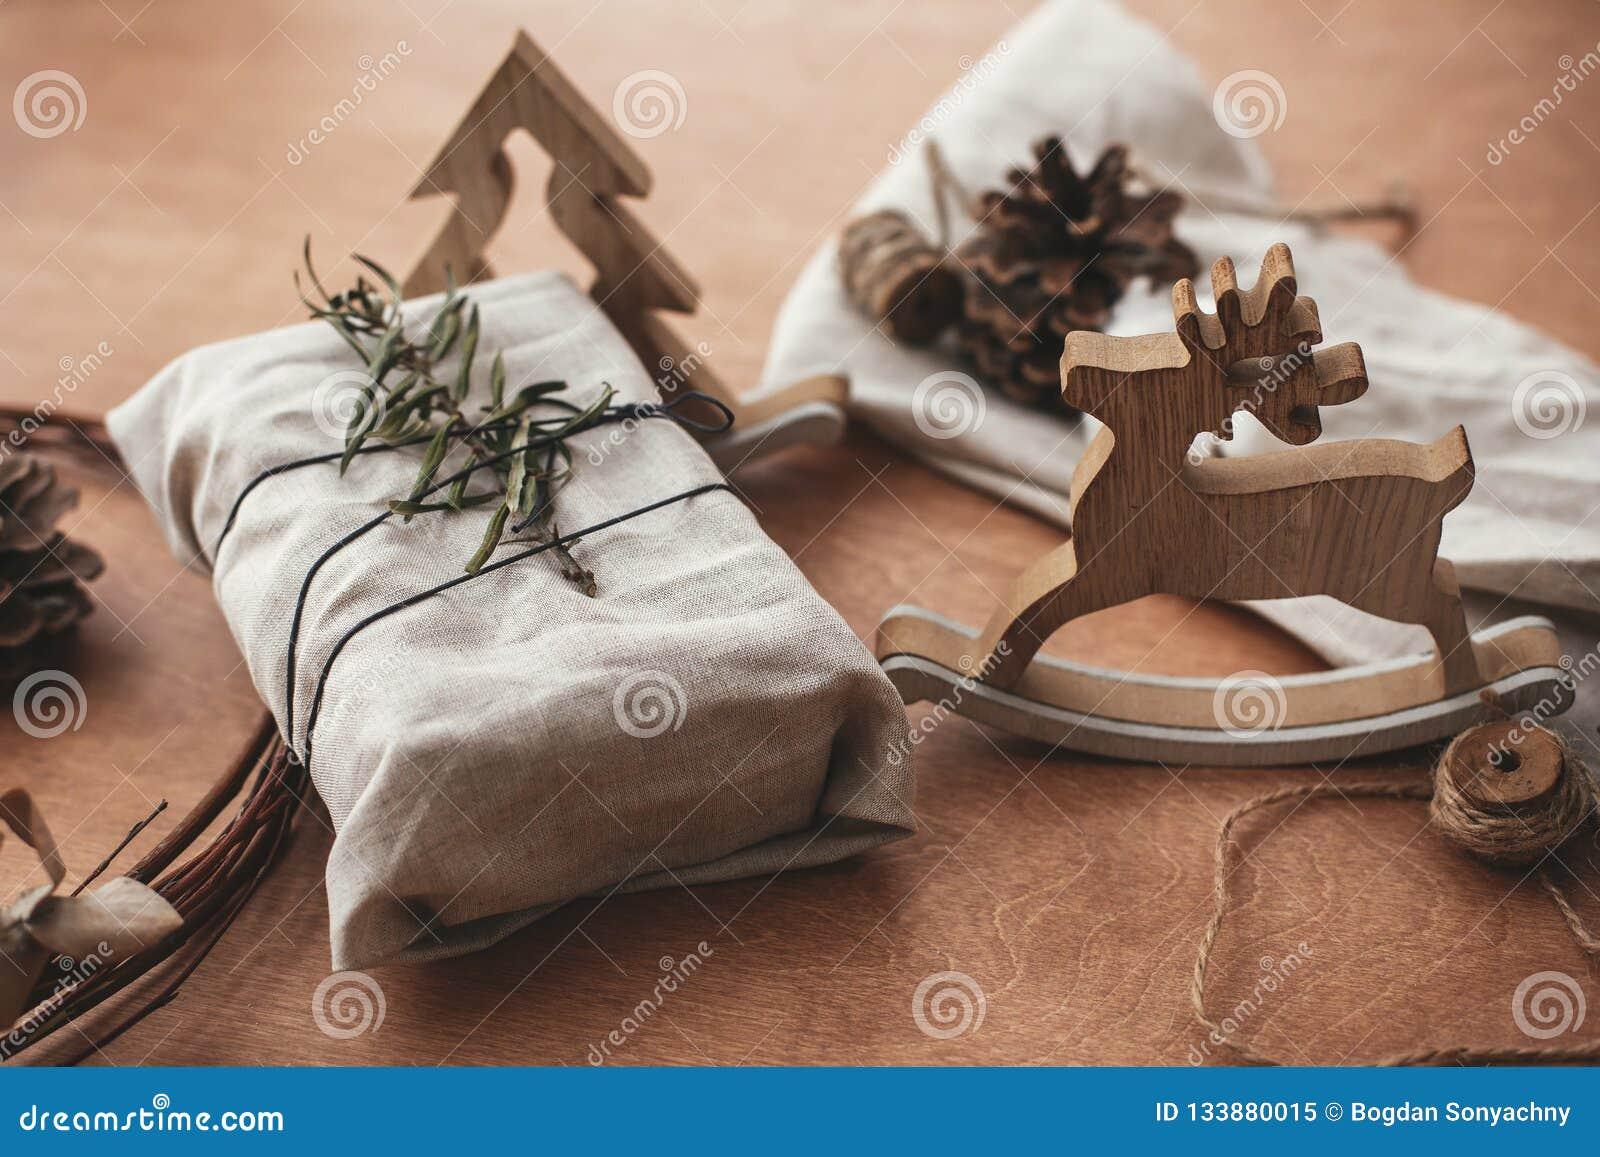 Prosty eco przedstawia klingeryt swobodnie Elegancki boże narodzenie wieśniaka prezent